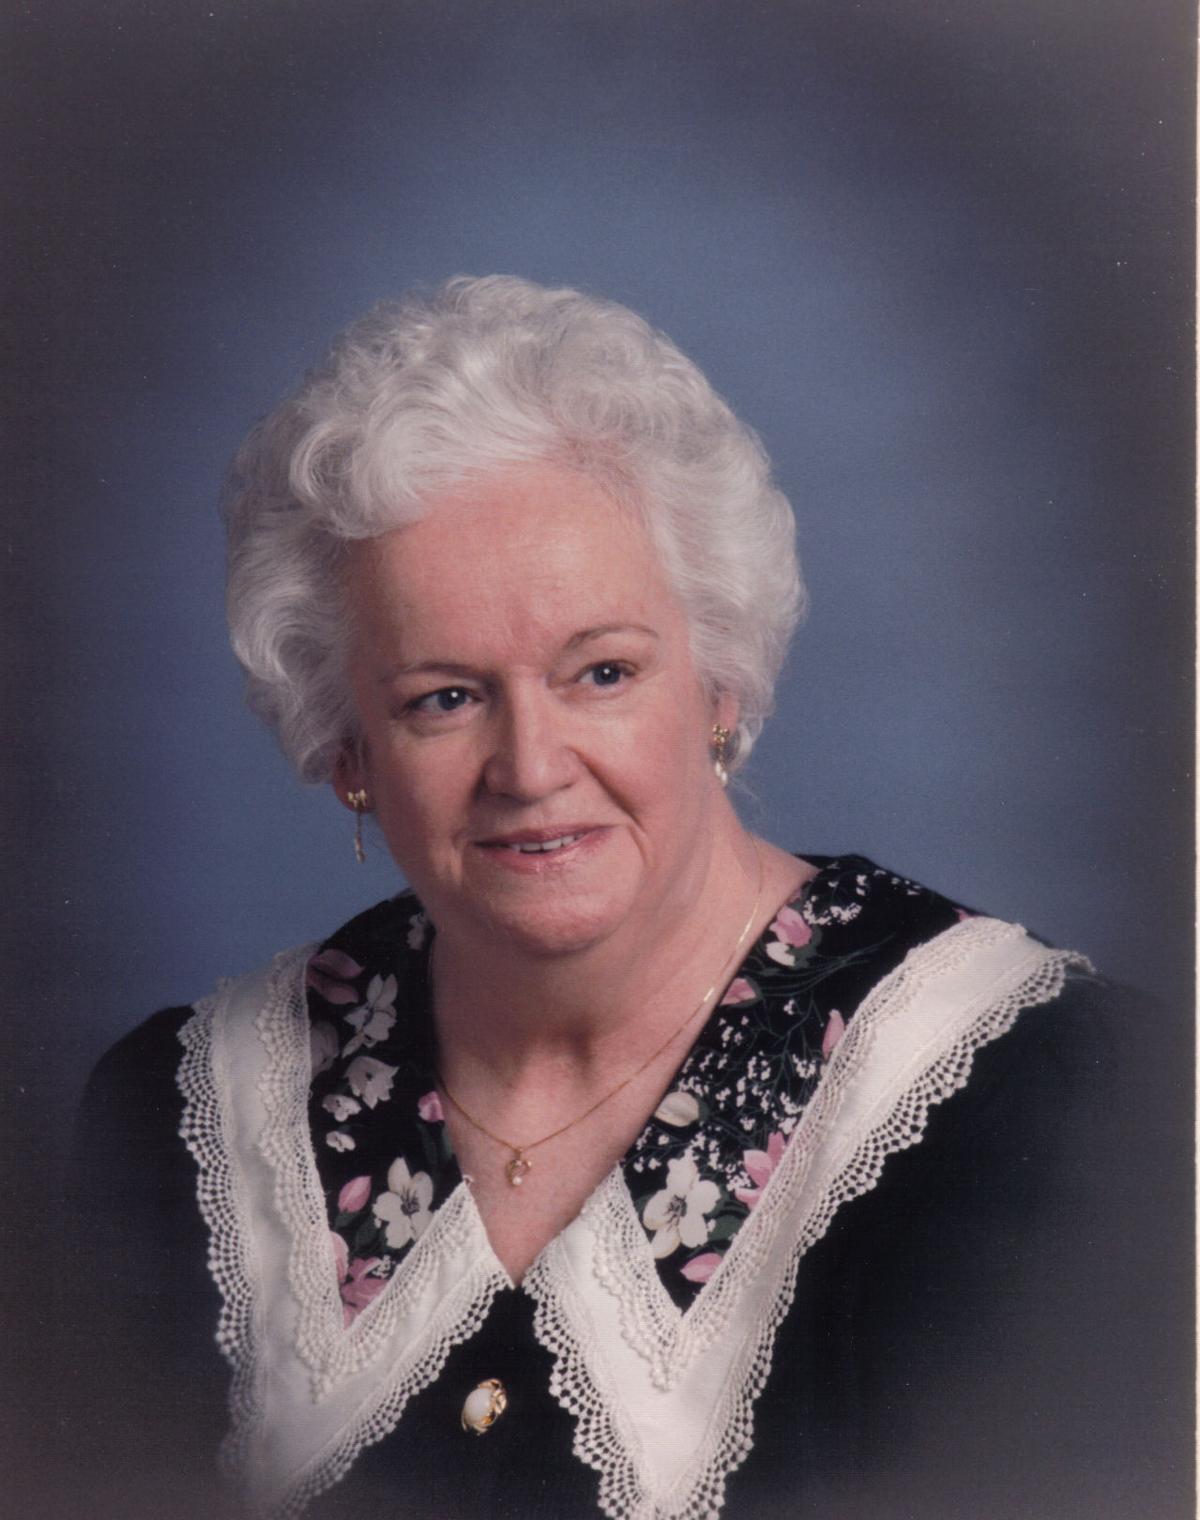 Maxine Van Meter